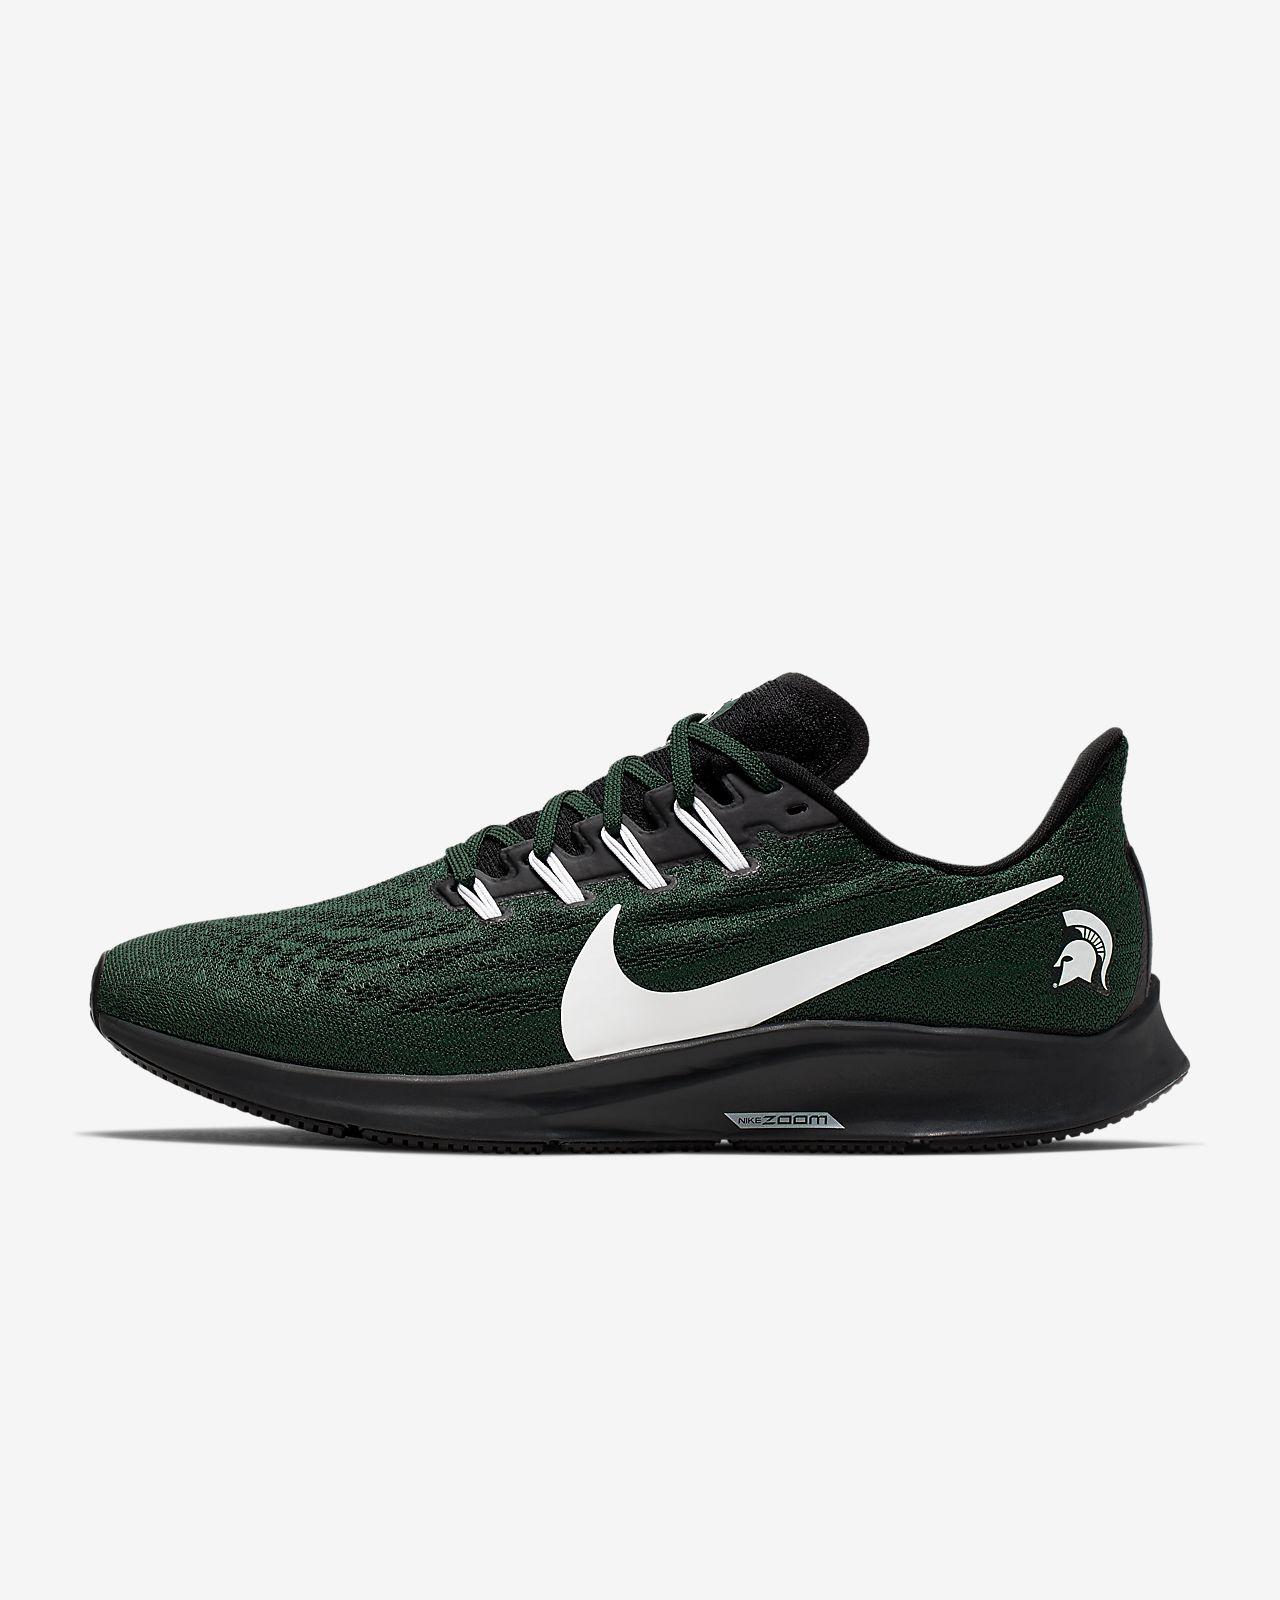 Nike Air Zoom Pegasus 36 (Michigan State) Men's Running Shoe